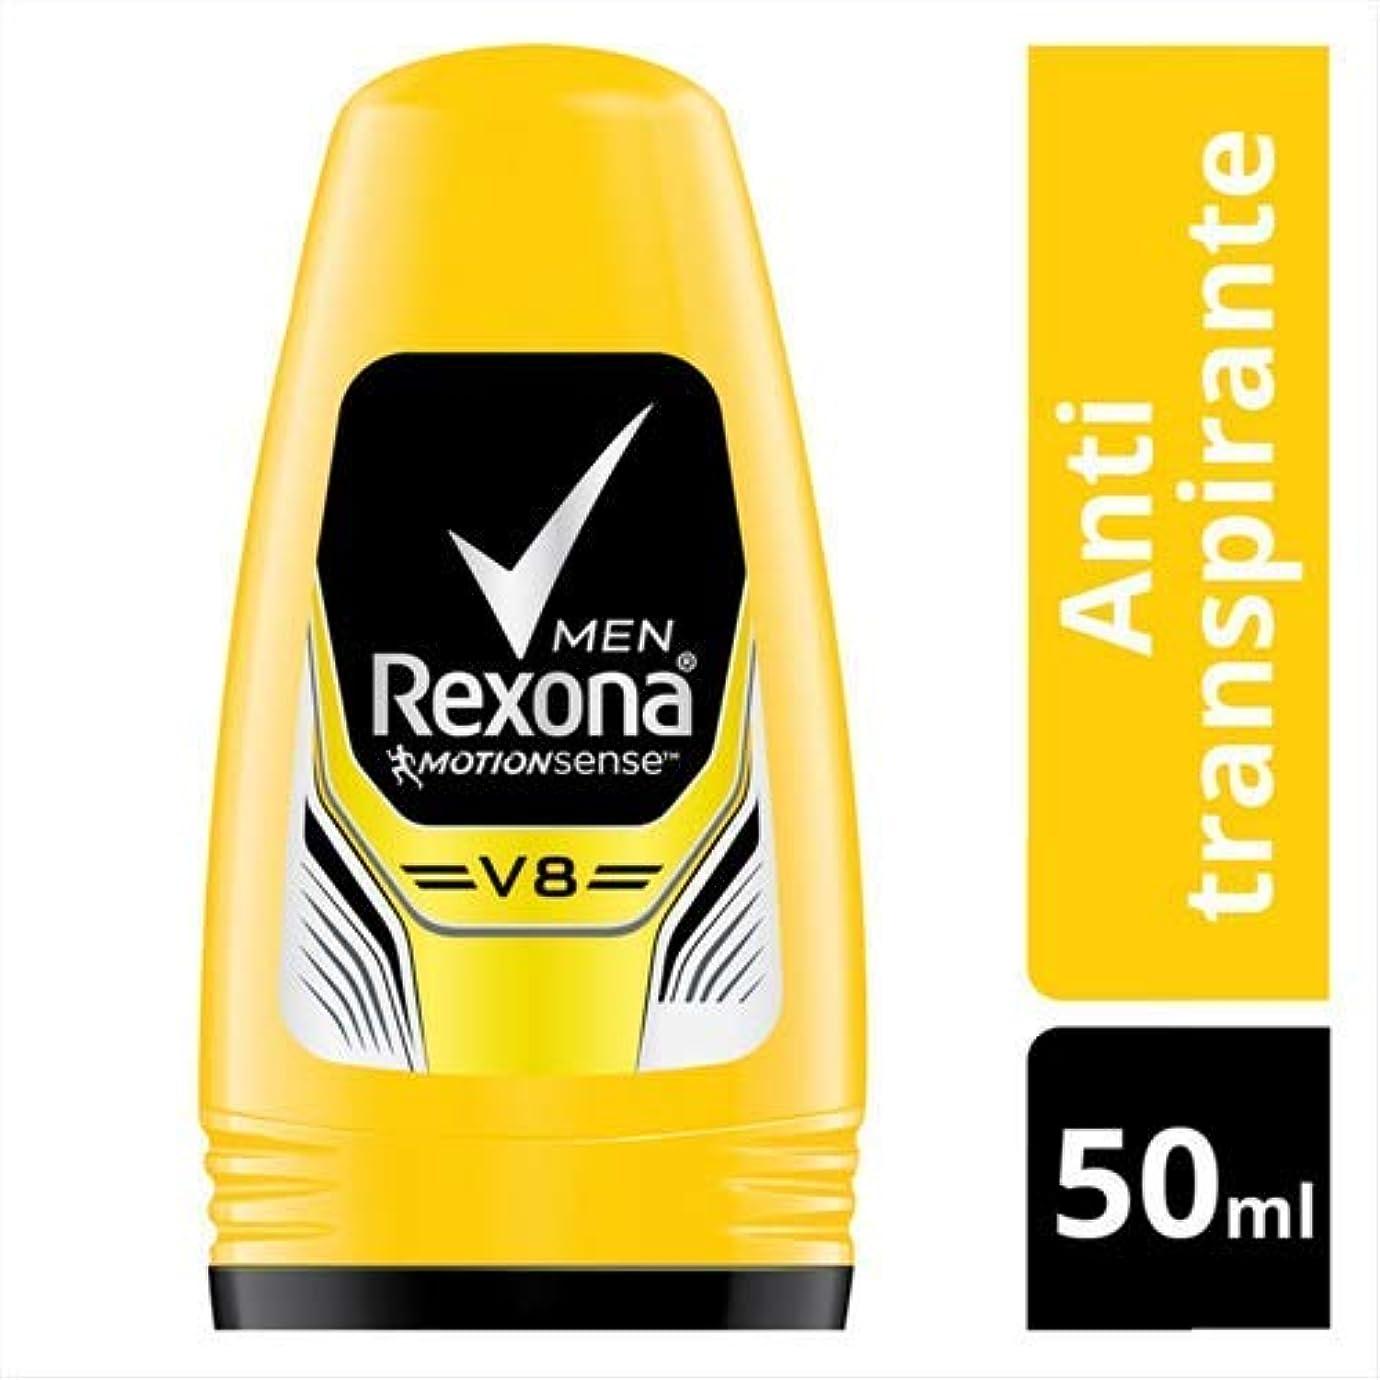 バー中絶シェルターRexona Men レクソーナ メンズ ブラジル製デオドラント ロールオン?V8 ブイエイト 50ml